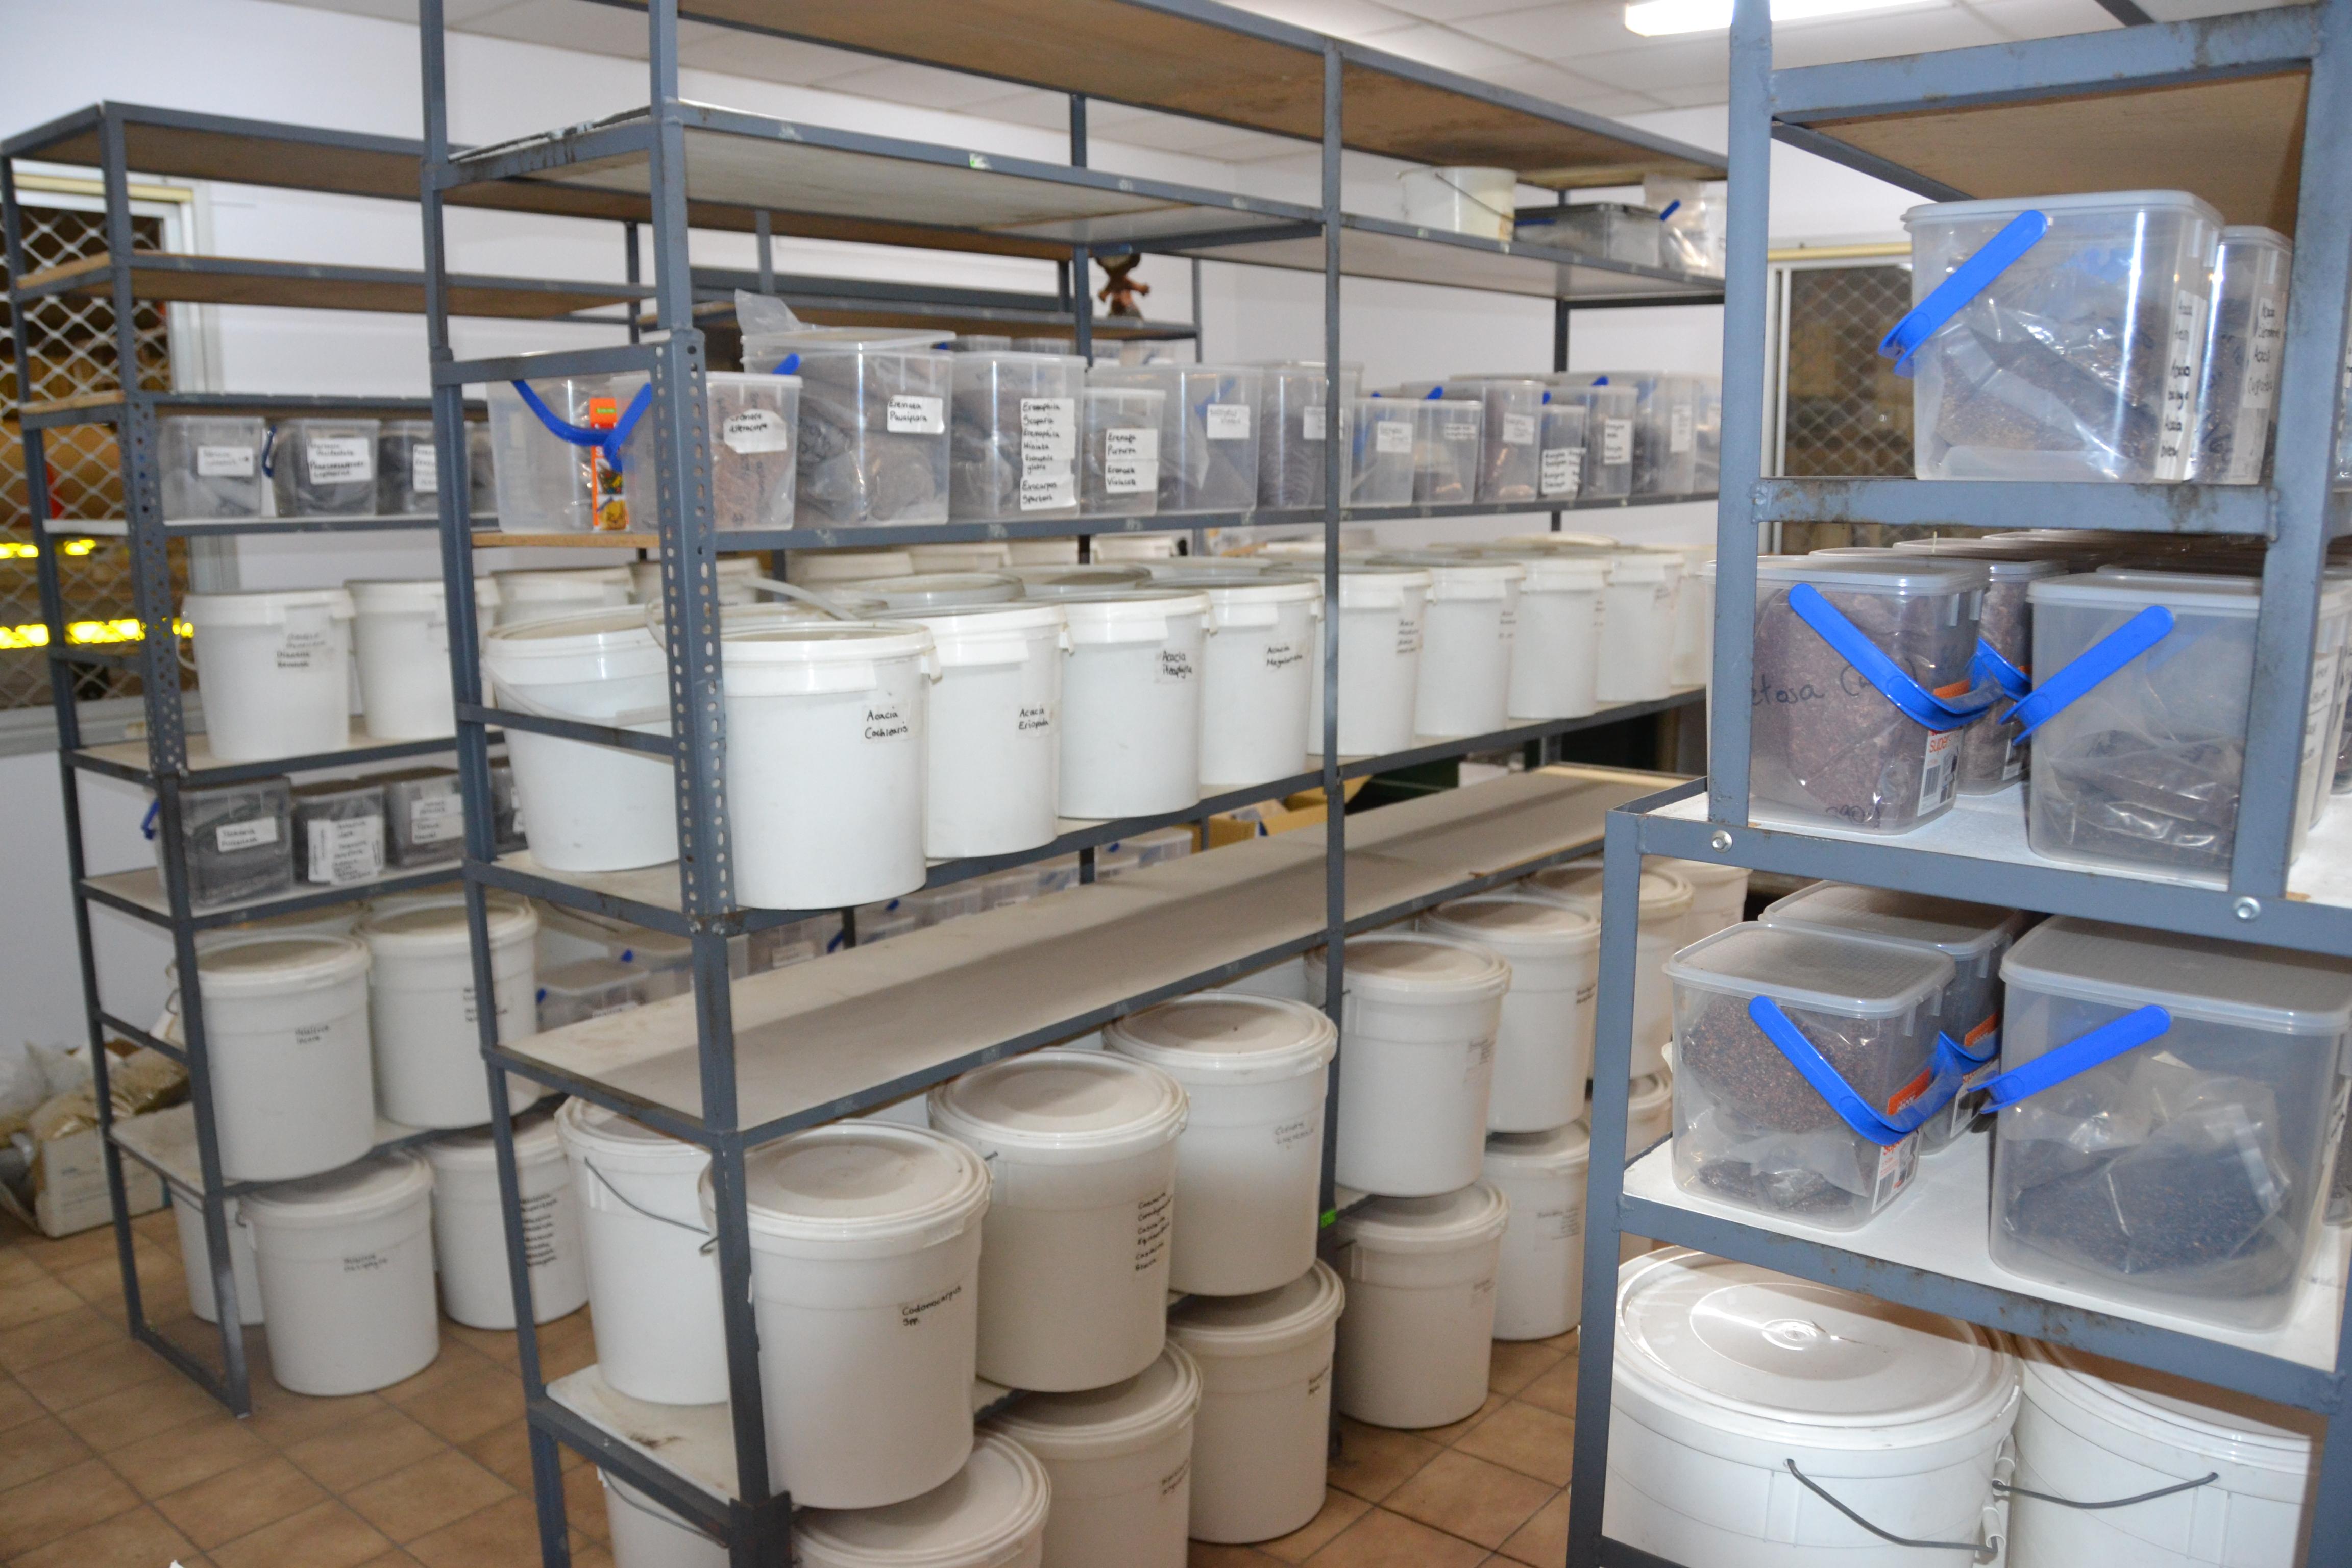 Seed storage by species